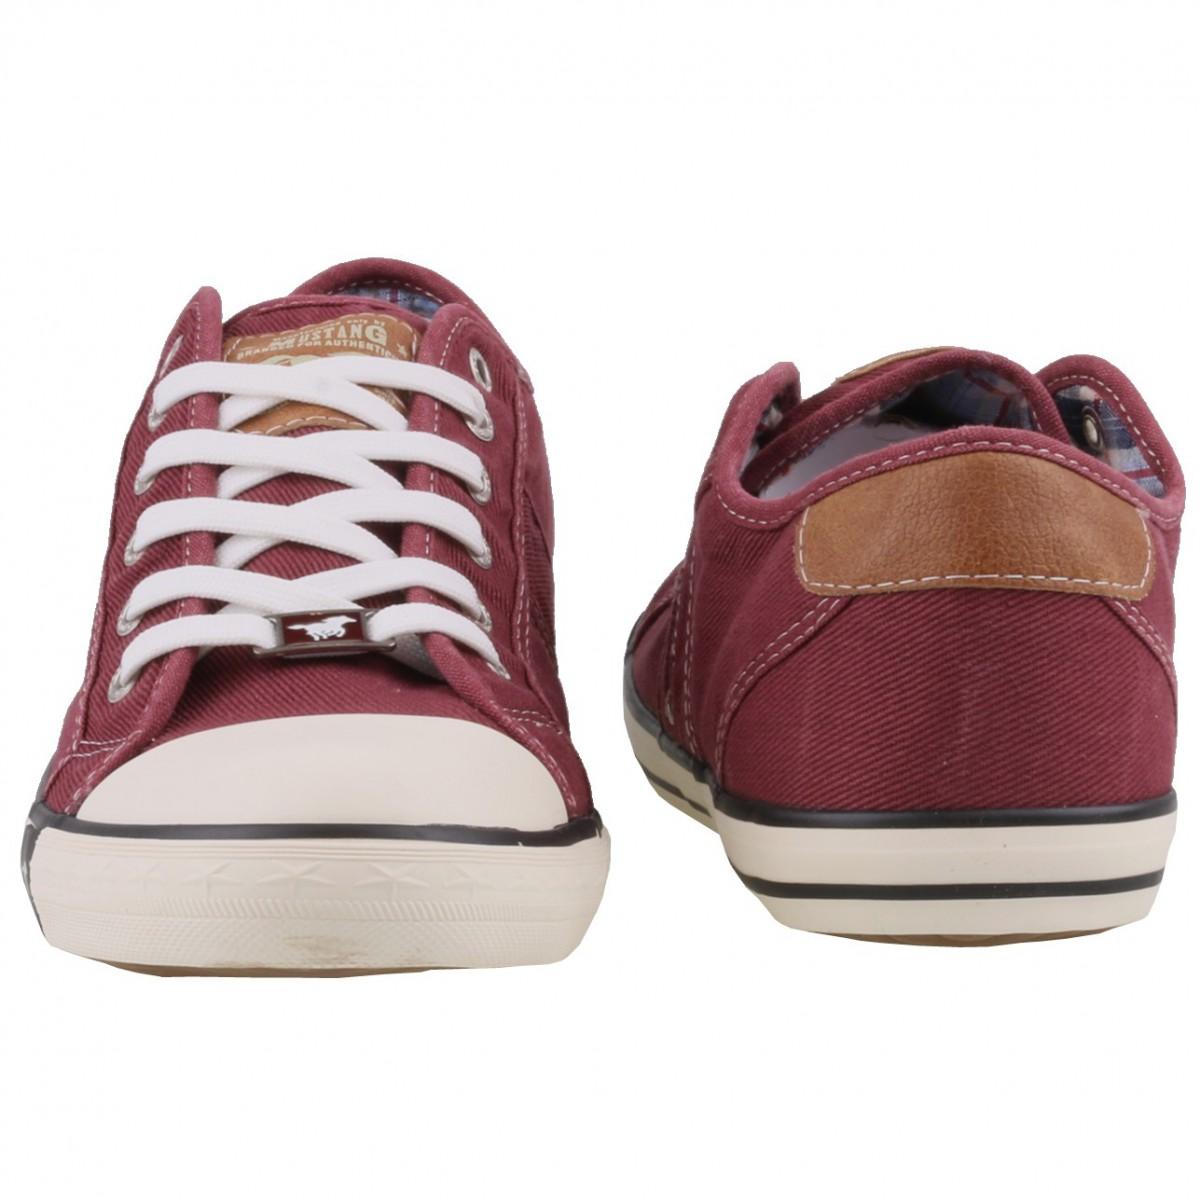 separation shoes 92244 0daaf Mustang Damen Canvas Sneaker Bordeaux